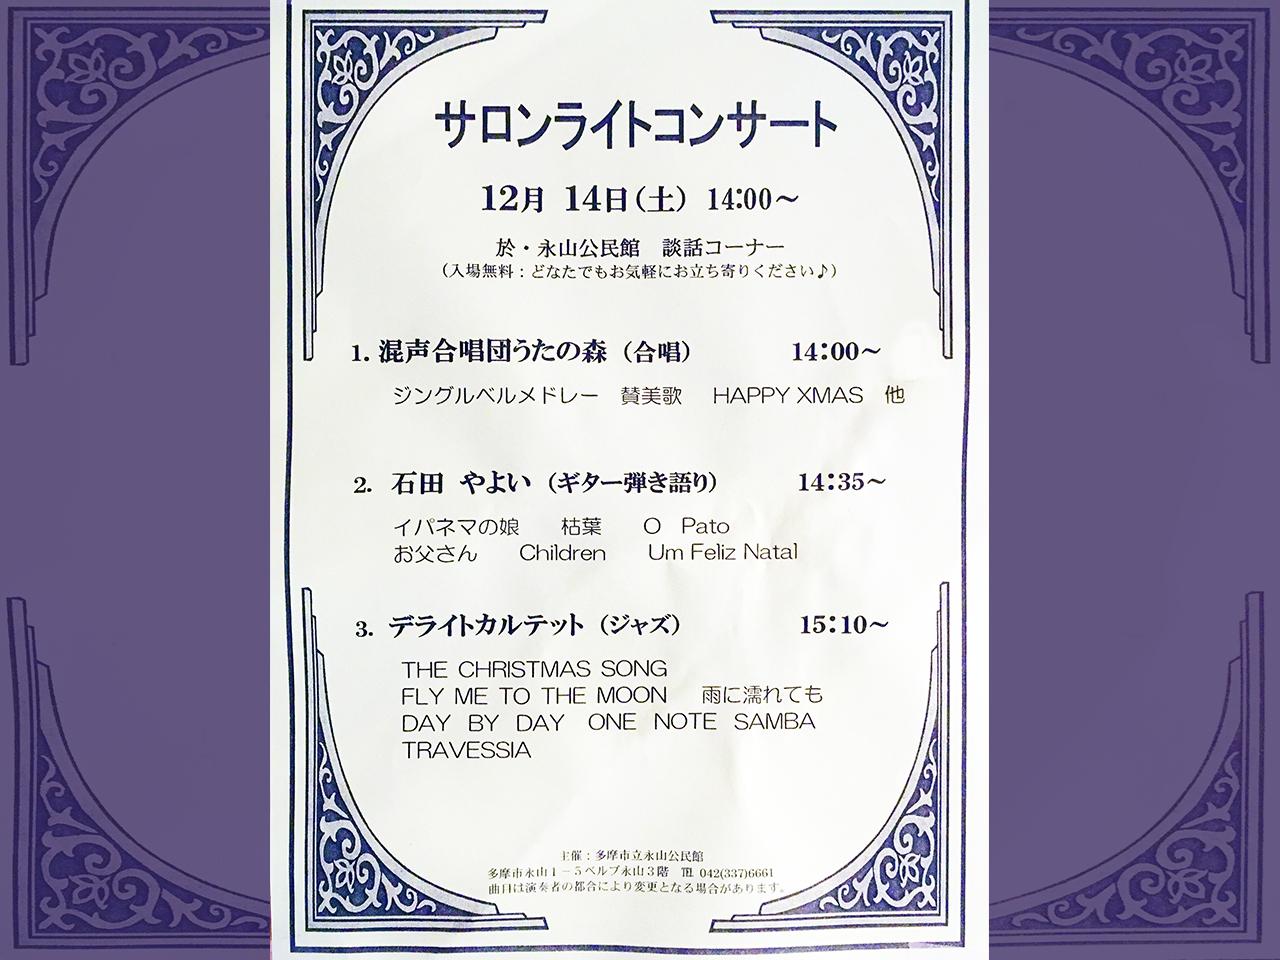 ベルブ永山サロンコンサート